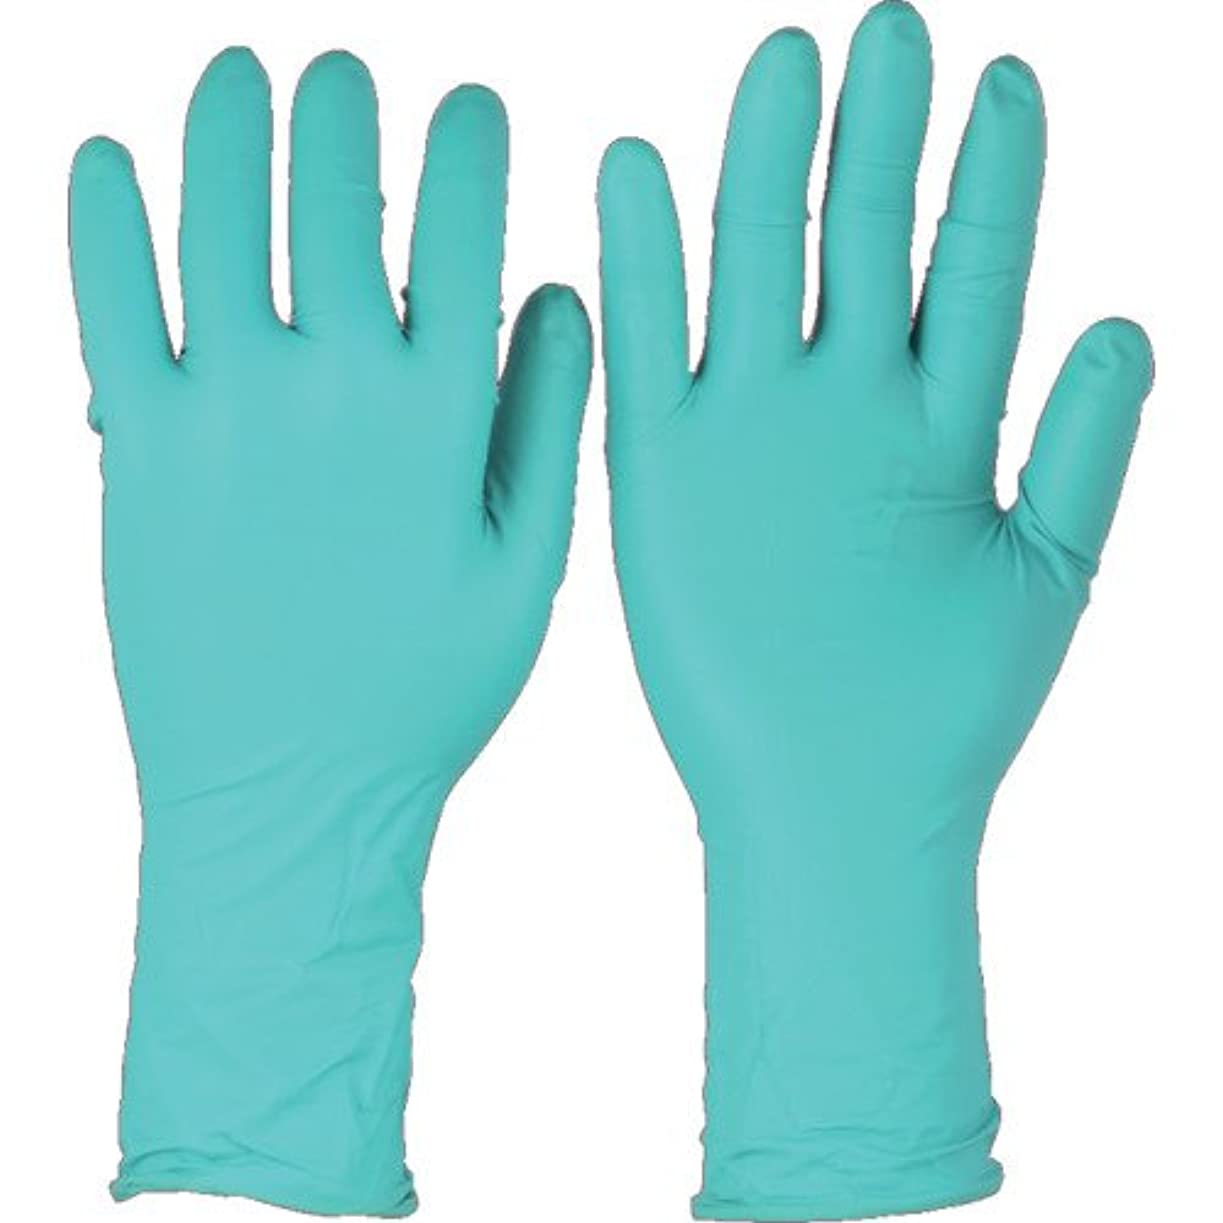 修士号品下トラスコ中山 アンセル ネオプレンゴム使い捨て手袋 マイクロフレックス 93-260 Mサイズ (50枚入)  932608